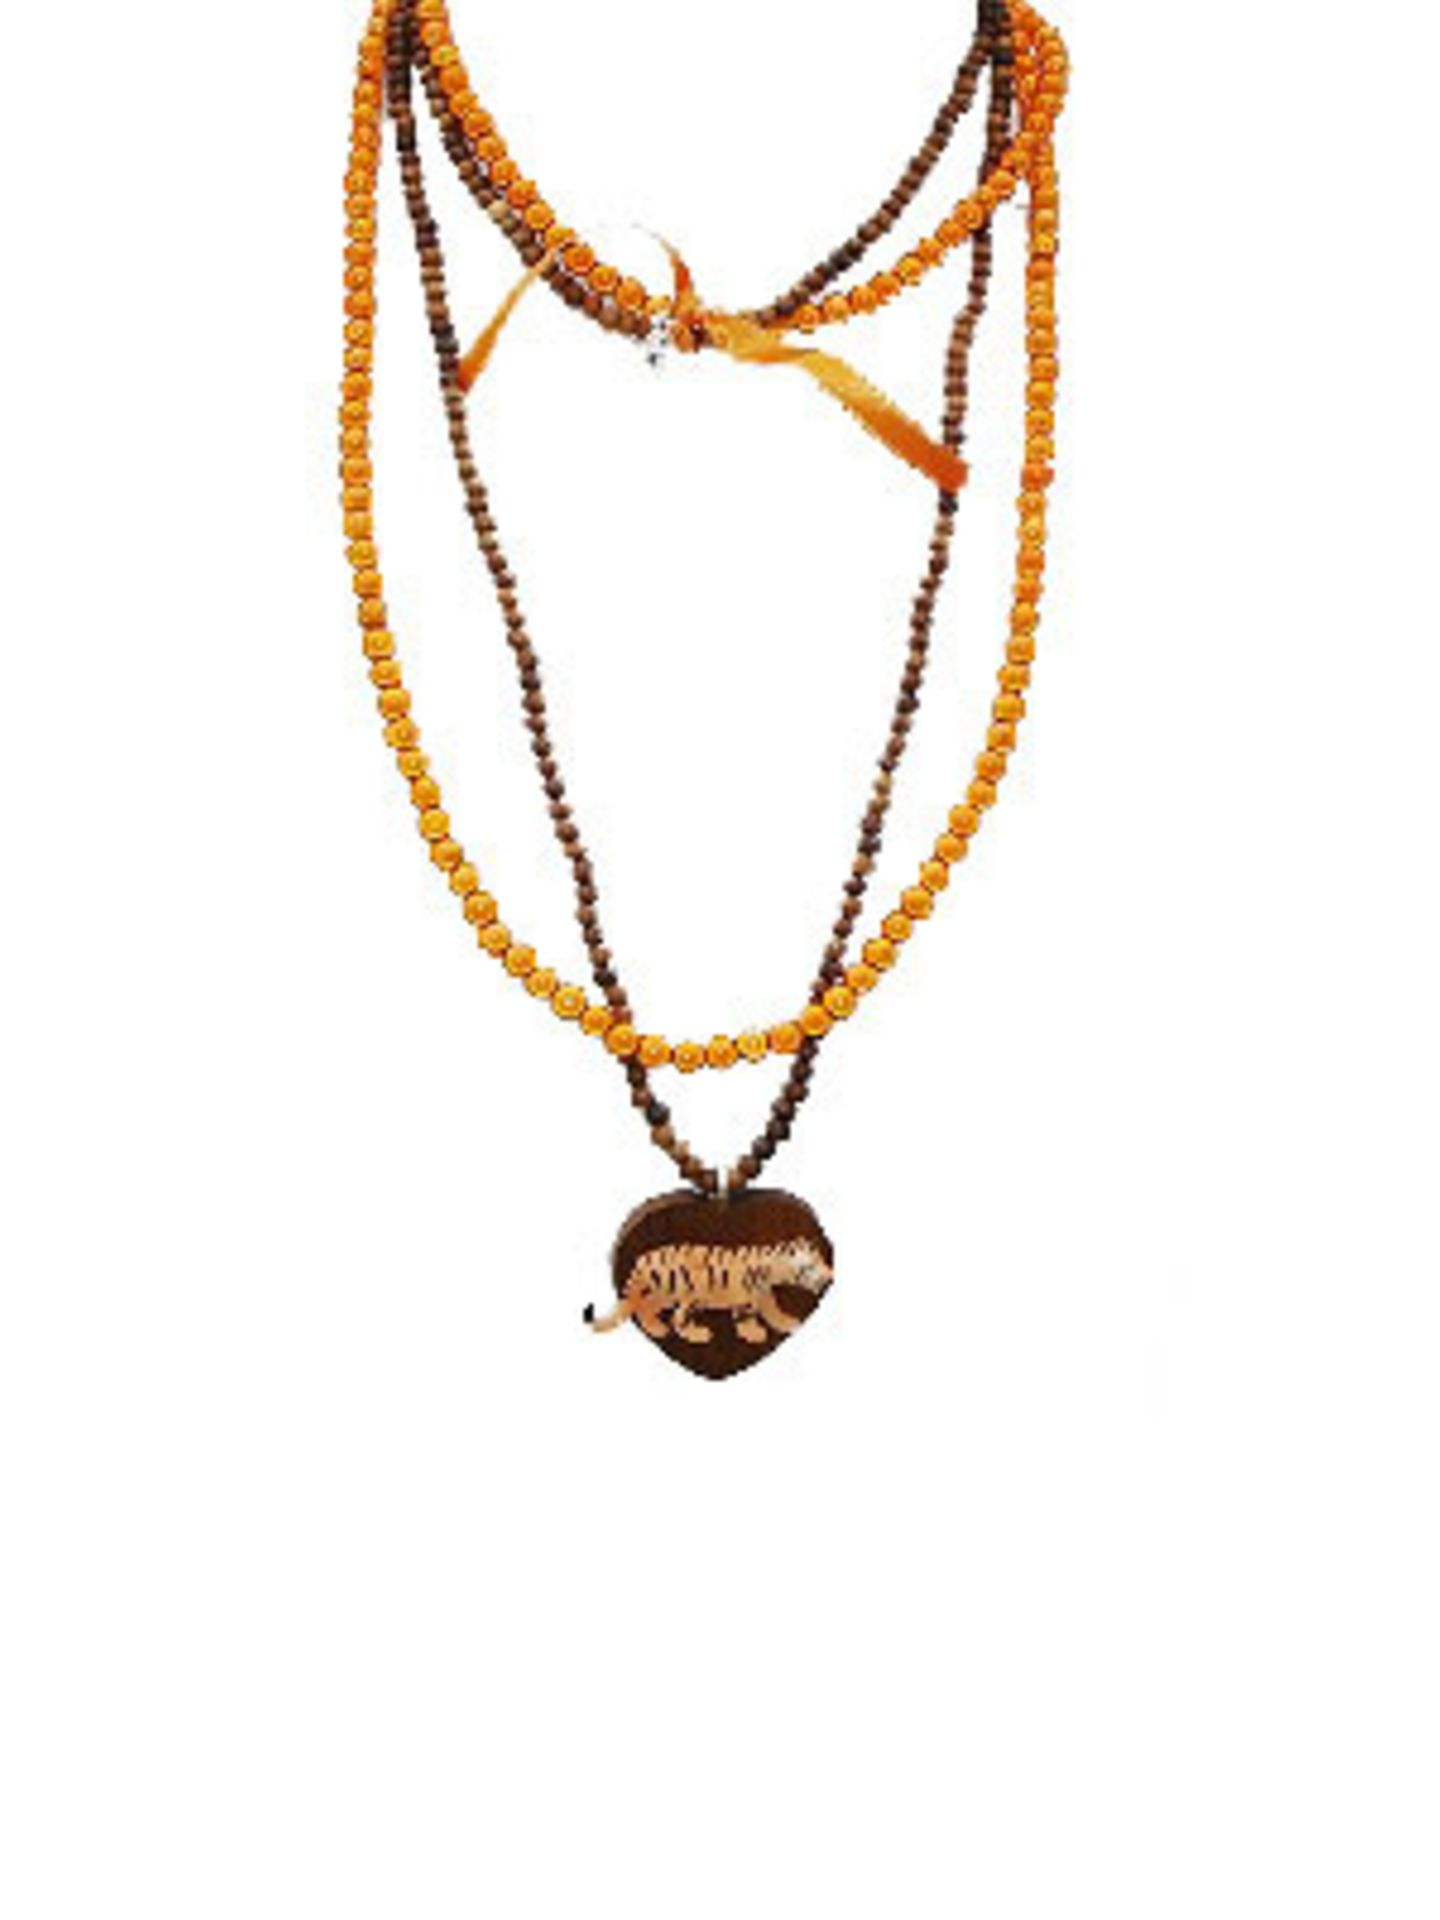 Orangefarbene und braune Perlenketten mit Tiger-Anhänger von Escapulario, um 40 Euro. Über www.escapulario.com.